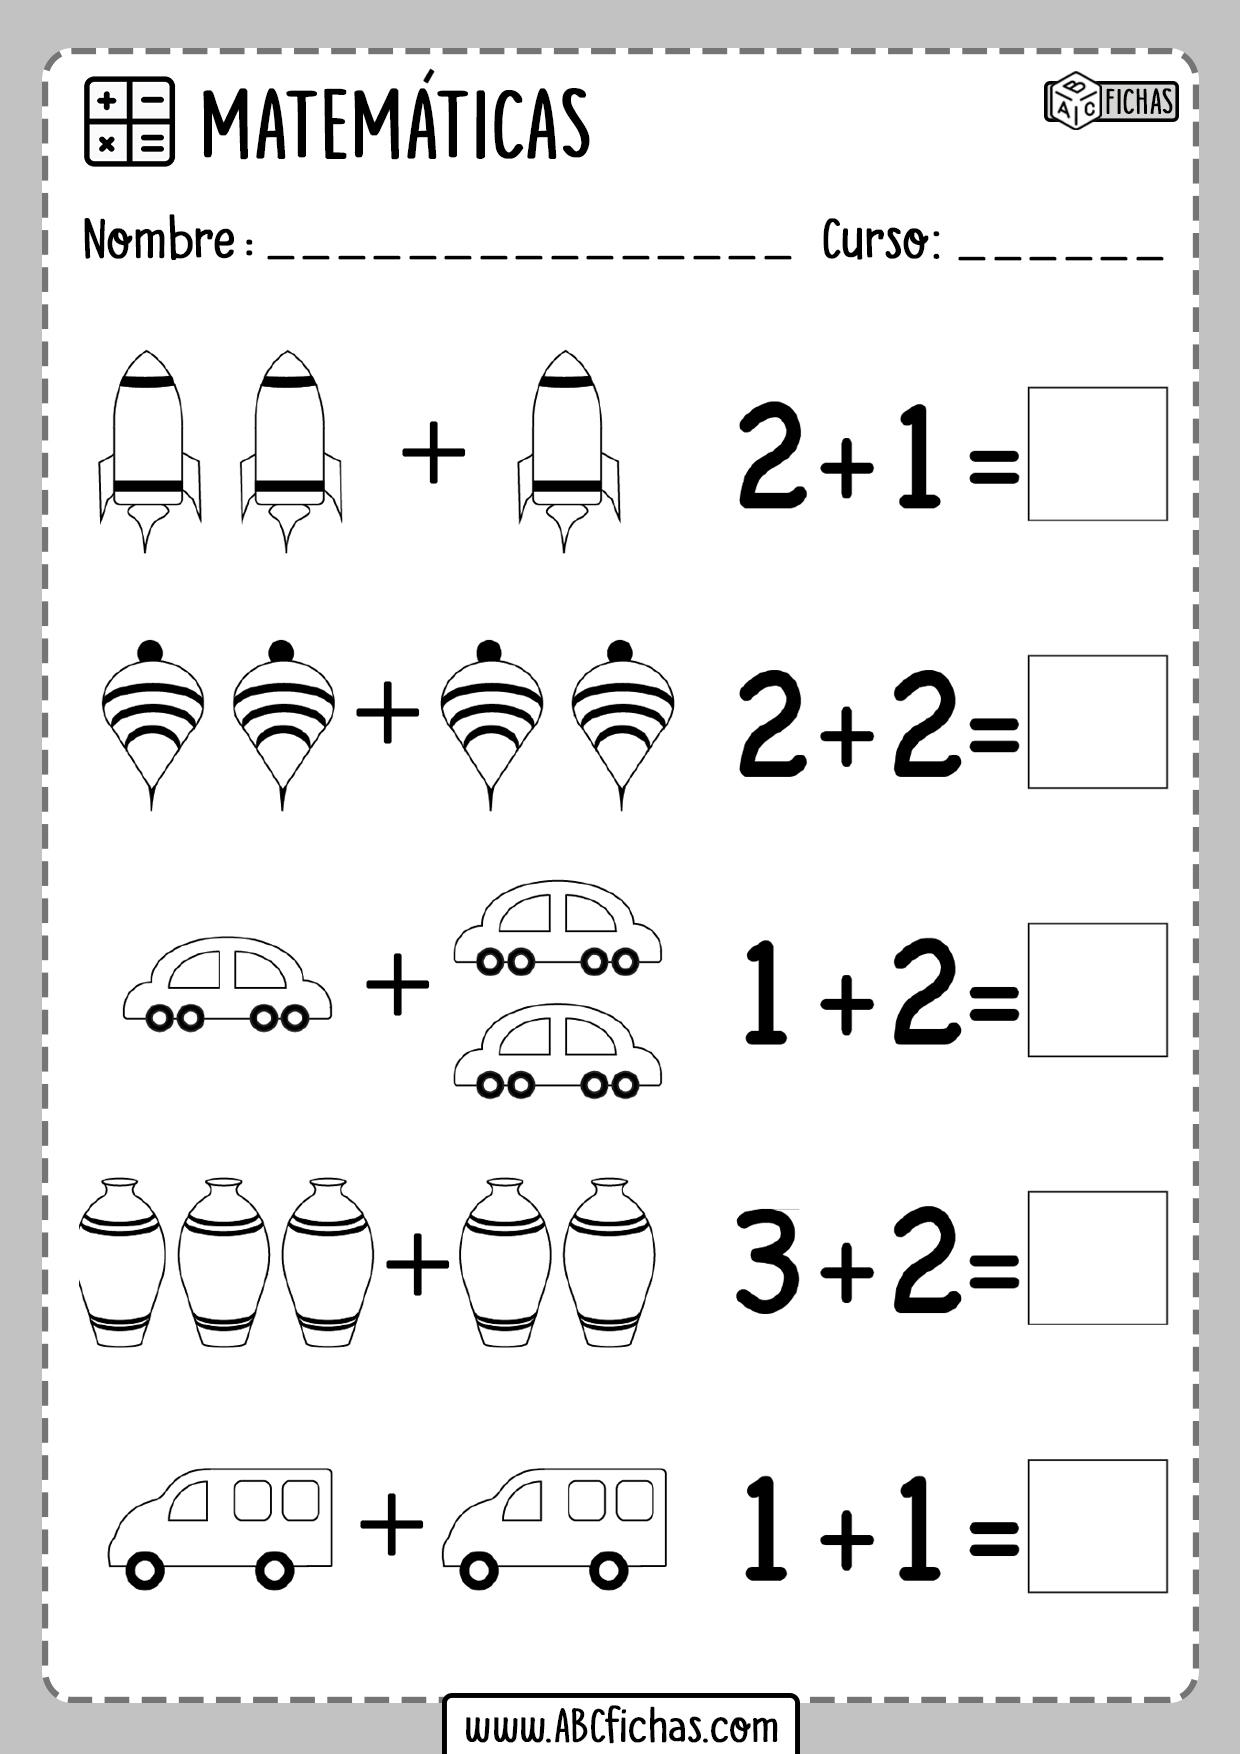 Ejercicios de sumas de dibujos para niños